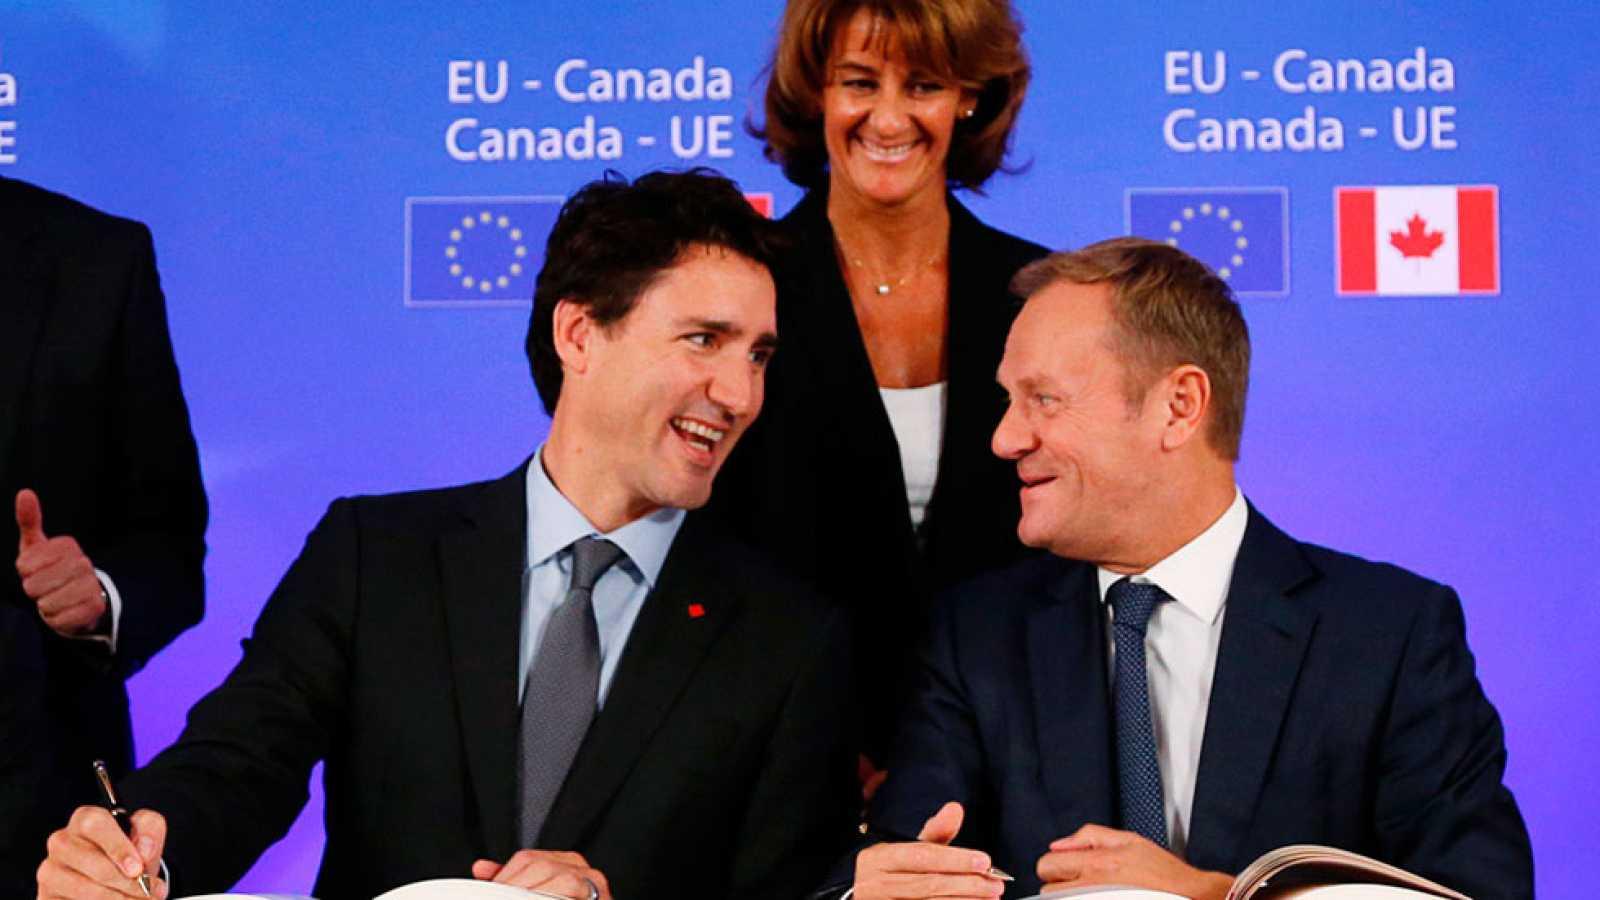 La Unión Europea y Canadá cierran el acuerdo comercial conocido como CETA